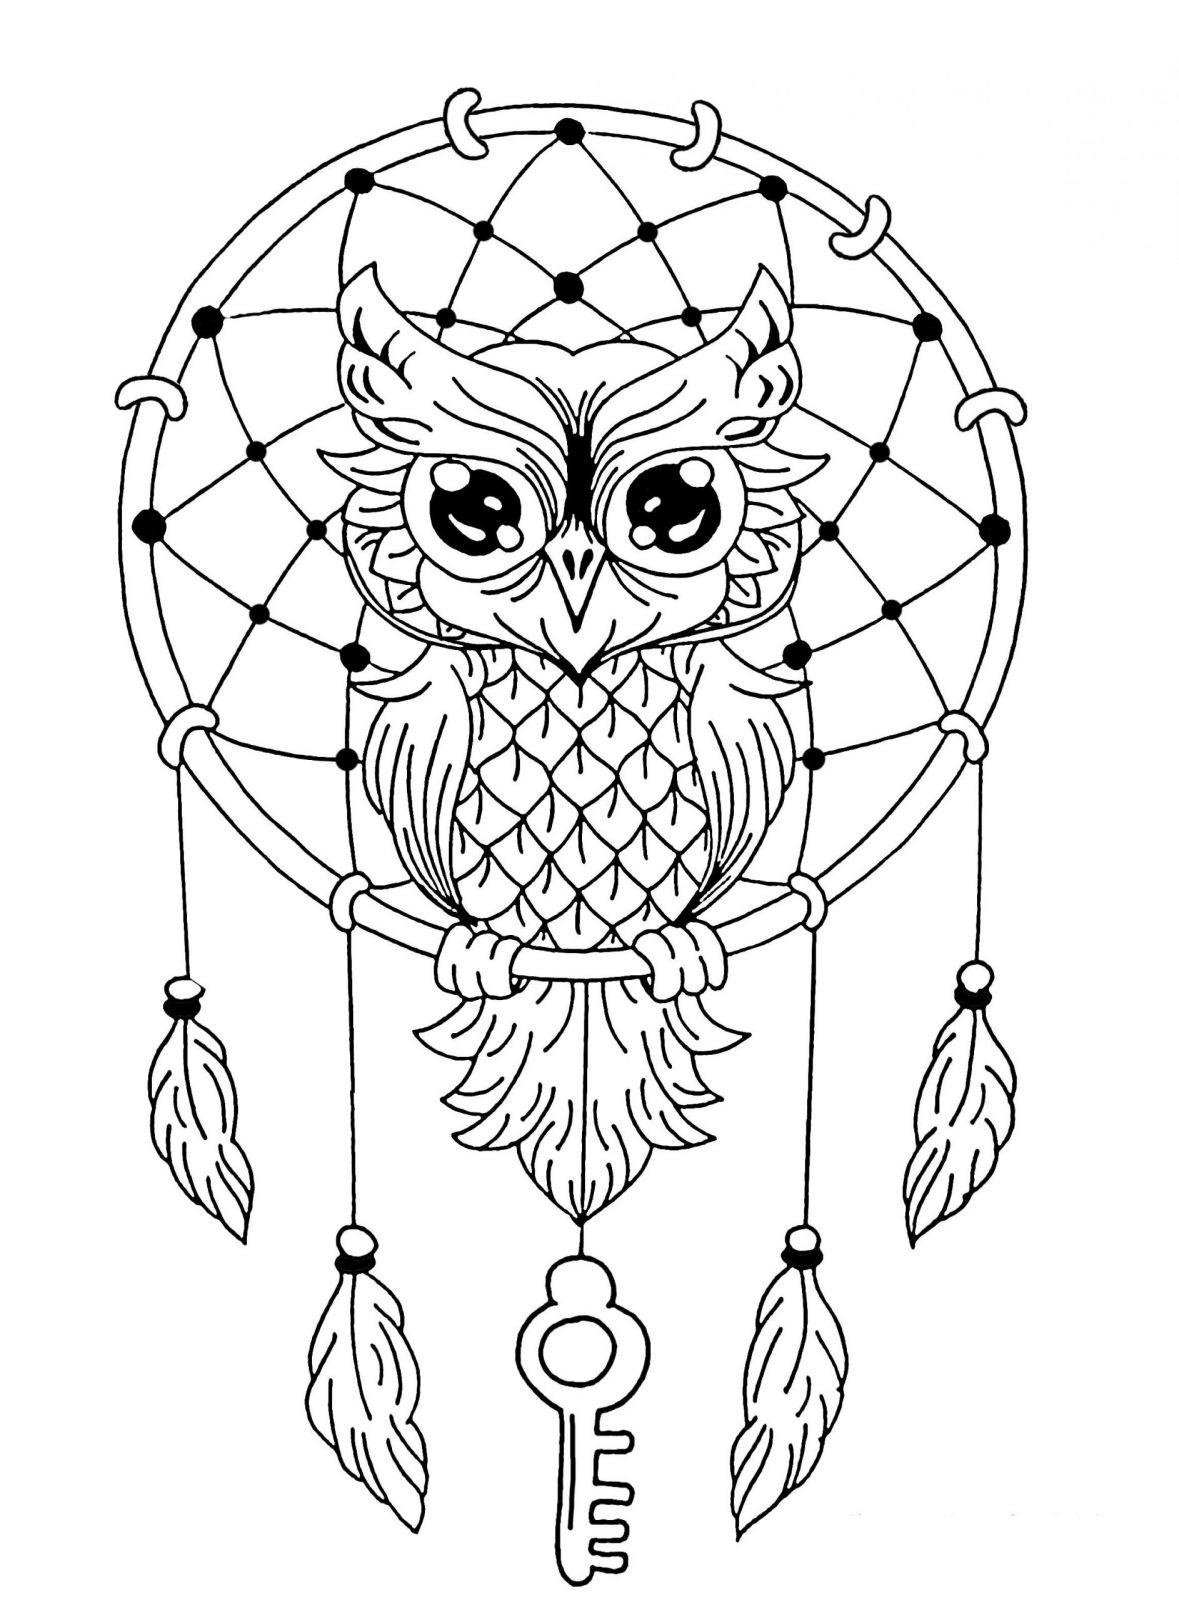 Coloriage Mandala Facile Animaux | Coloriages À Imprimer concernant Dessiner Un Mandala